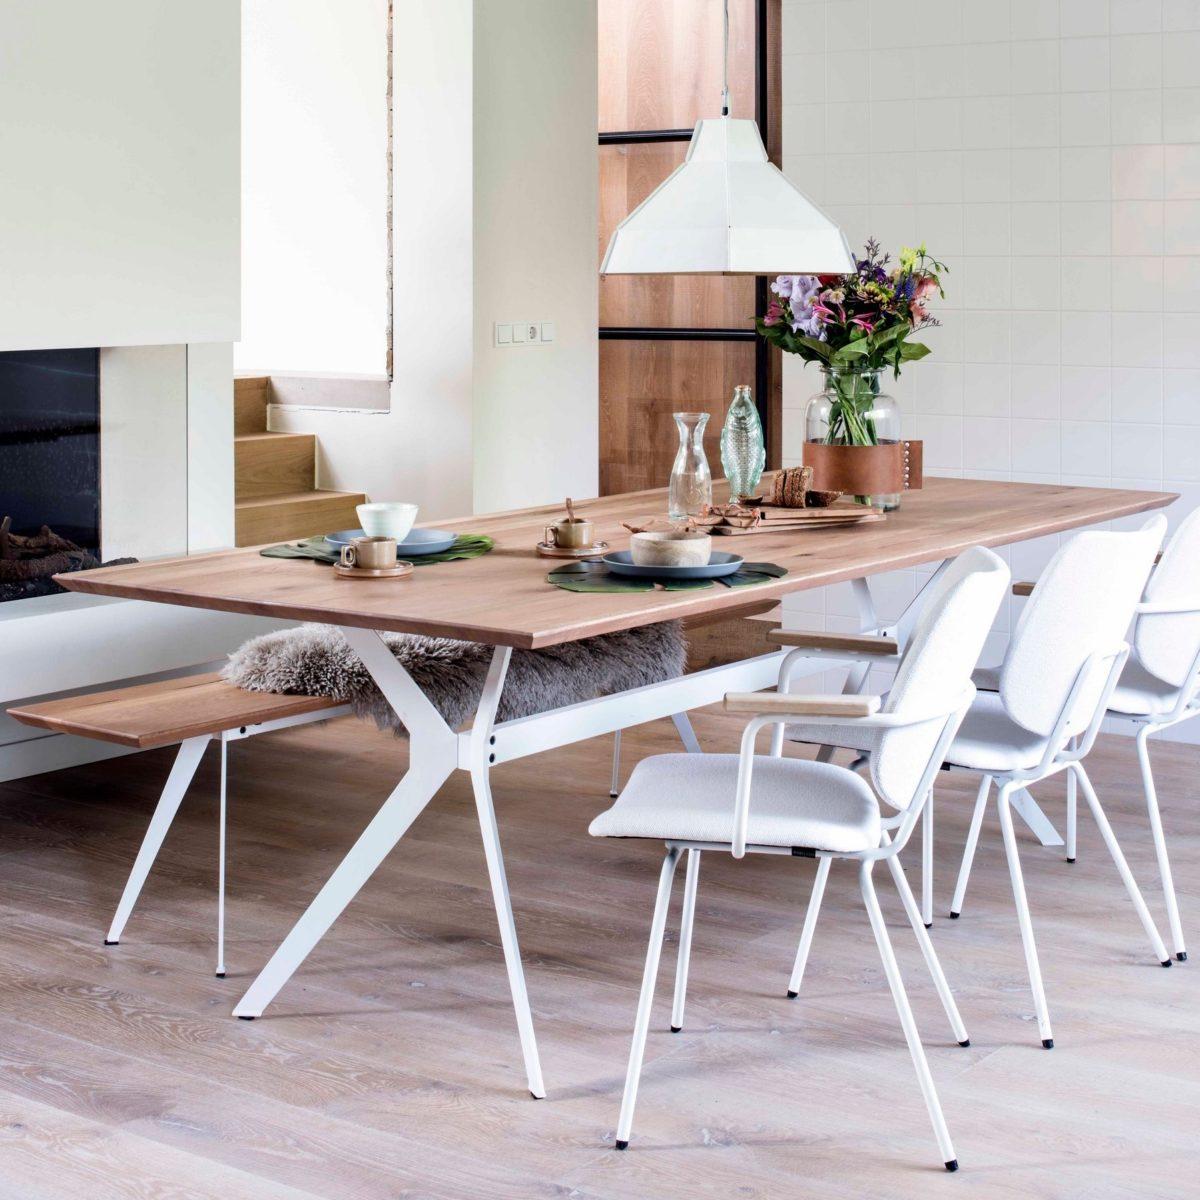 Split dining table met Fall en Frame Cash 104 white sfeer